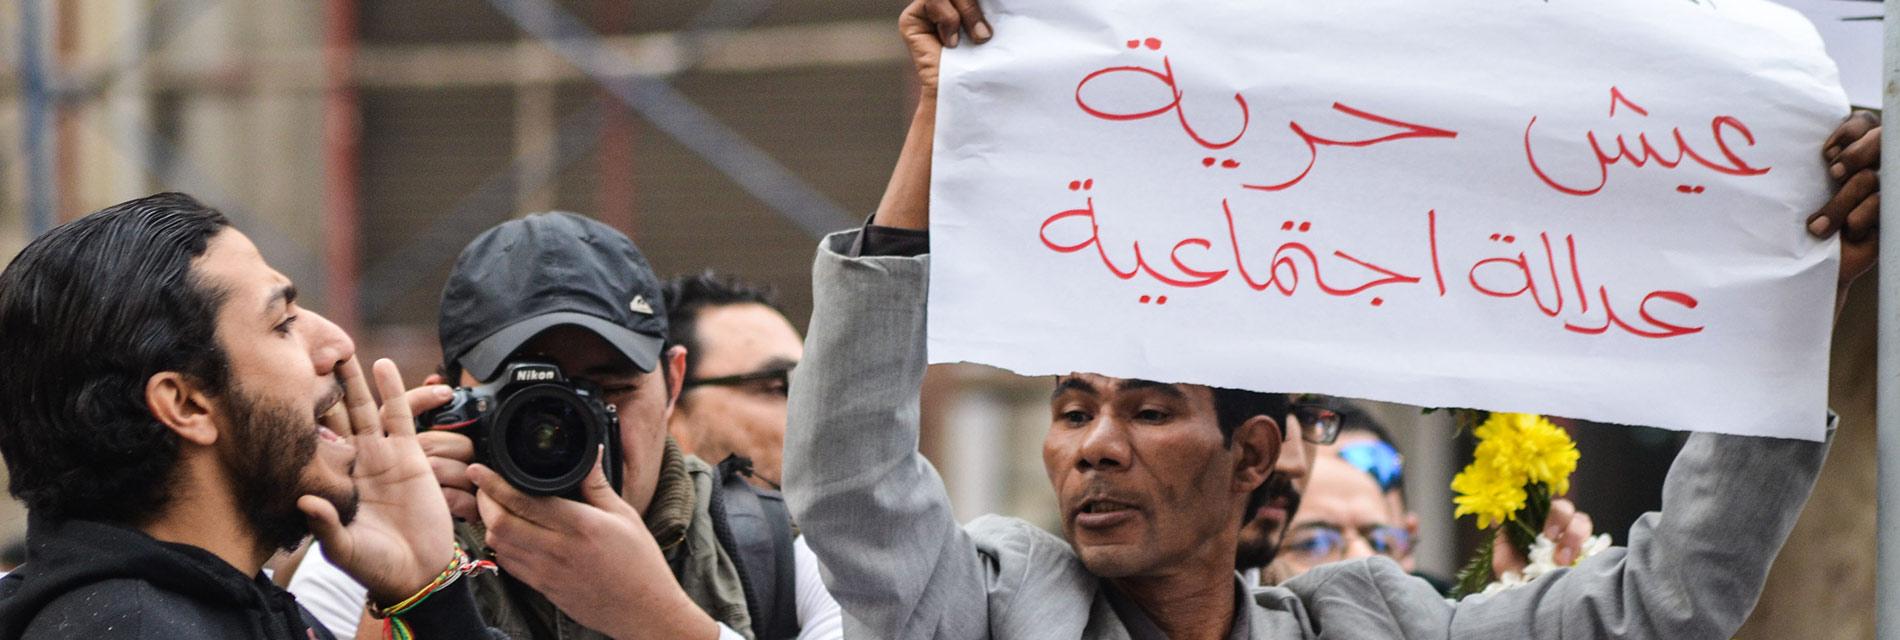 مظاهرات ٢٥ يناير ٢٠١٥